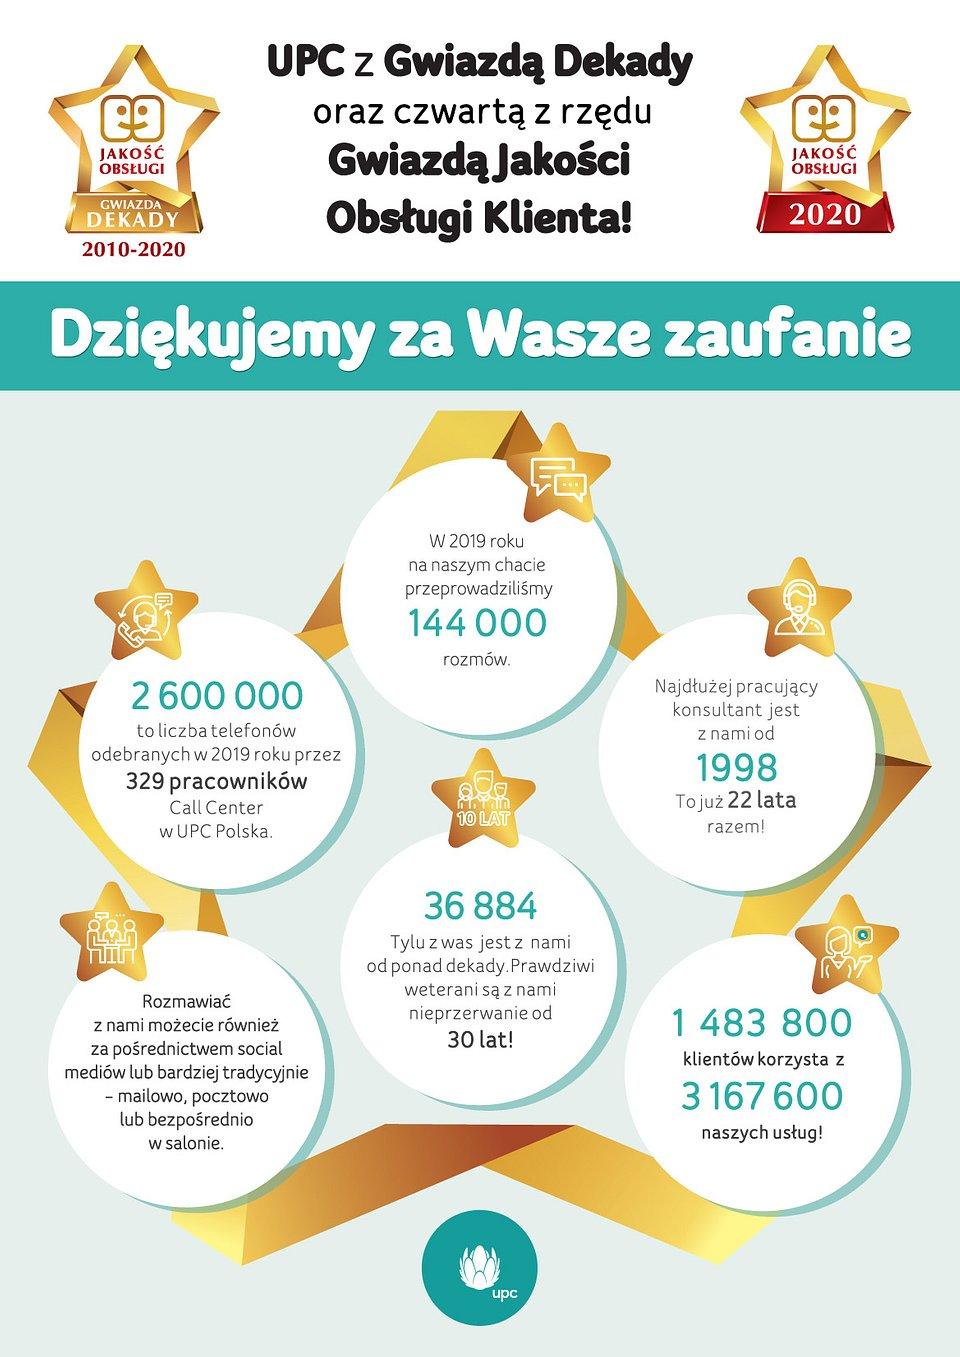 Gwiazda_Jakości 2020_07-03-2020-1.jpg